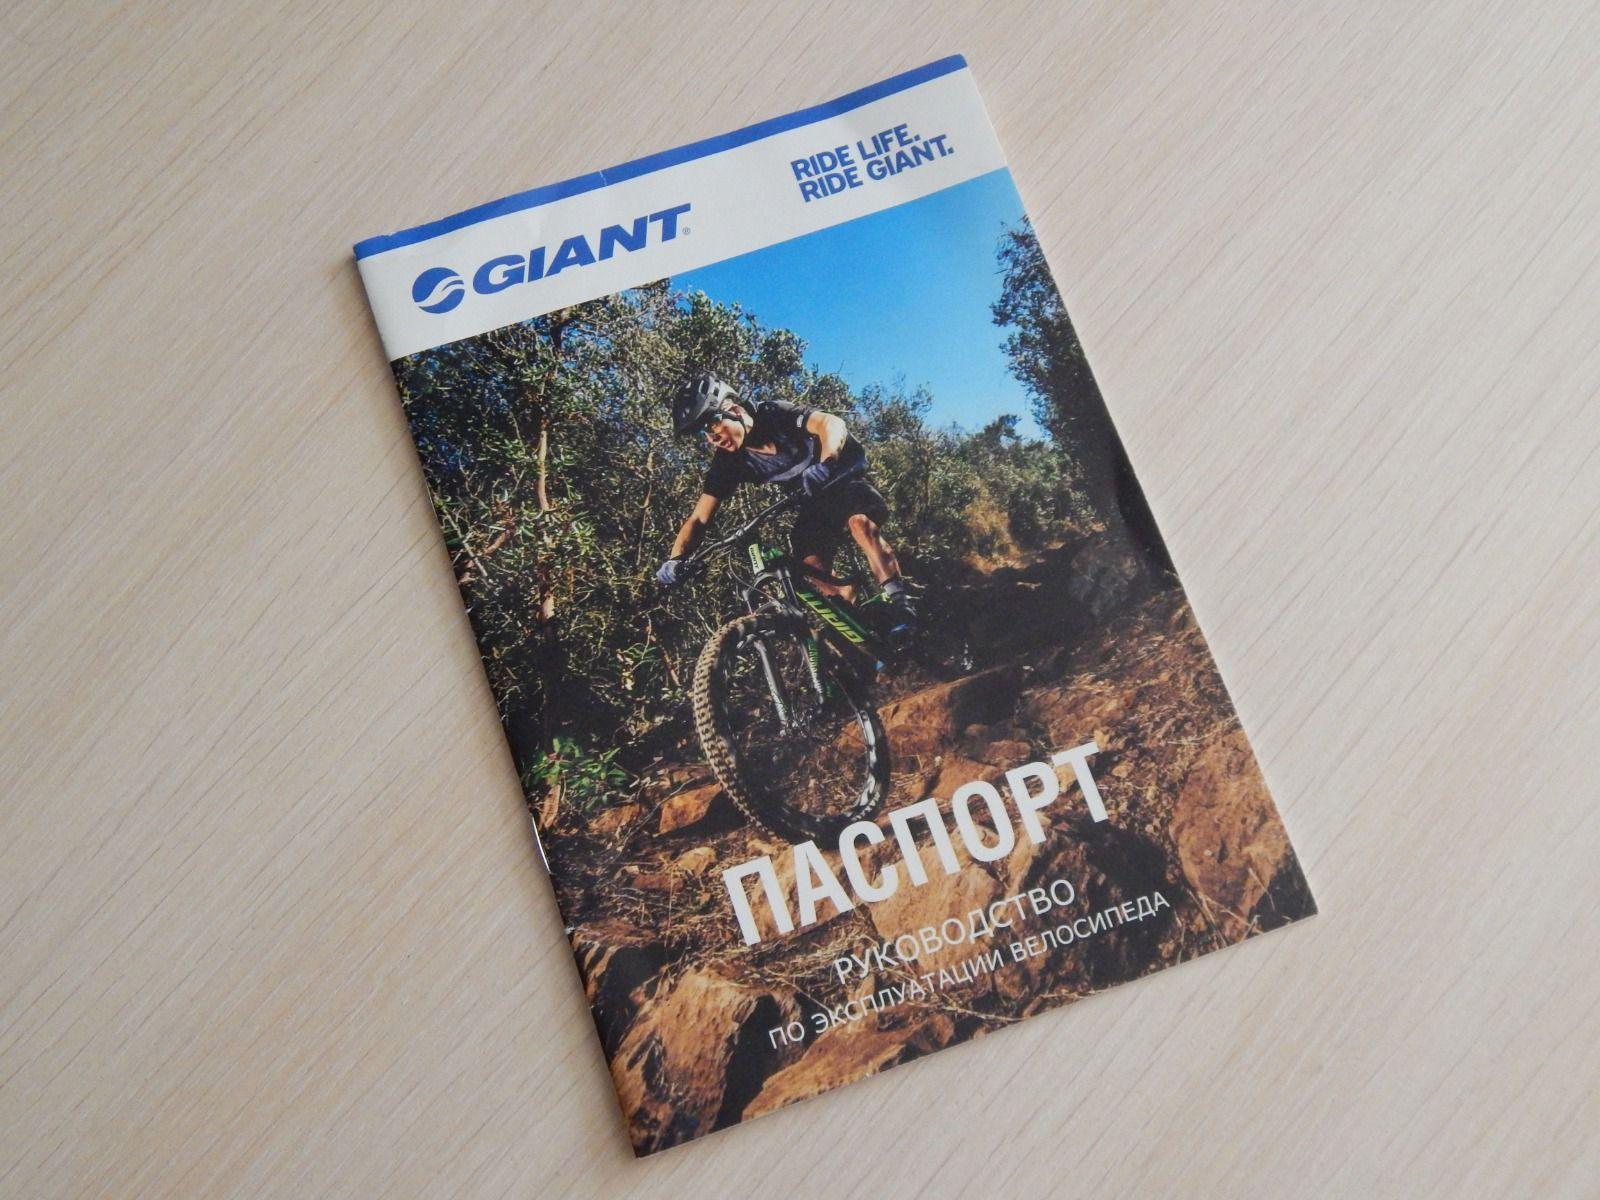 Giant Talon 3GE